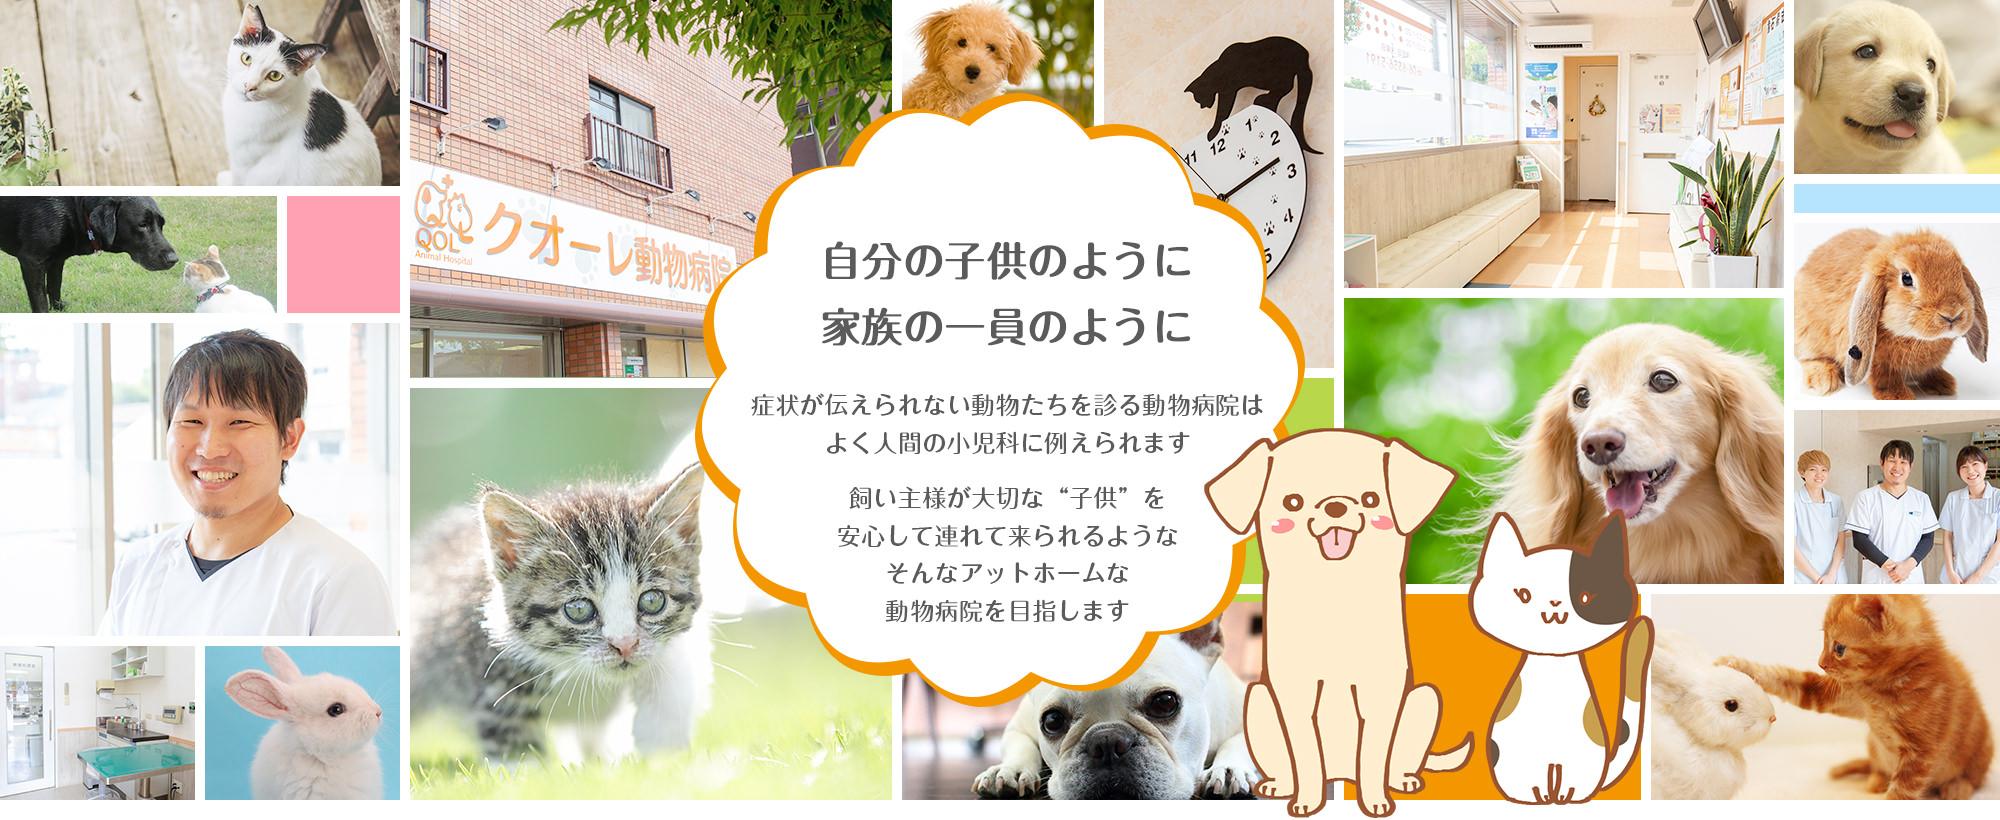 """自分の子供のように 家族の一員のように 症状が伝えられない動物たちを診る動物病院はよく人間の小児科に例えられます。 飼い主様が大切な""""子供""""を安心して連れて来られるようなそんなアットホームな動物病院を目指します"""